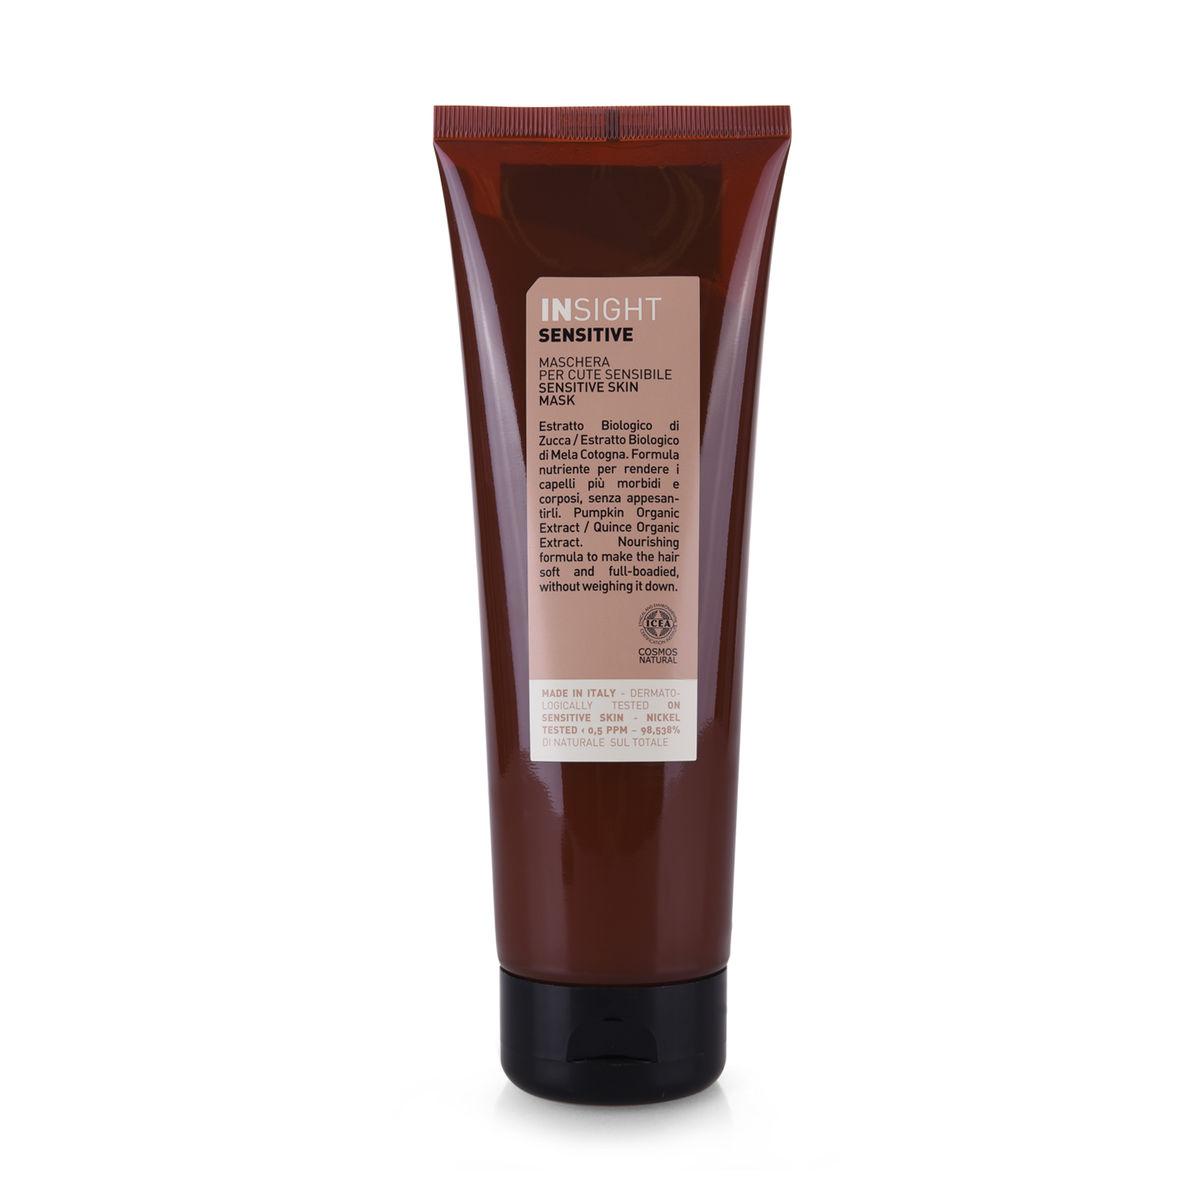 Insight maska za kosu za osetljivu kožu glave